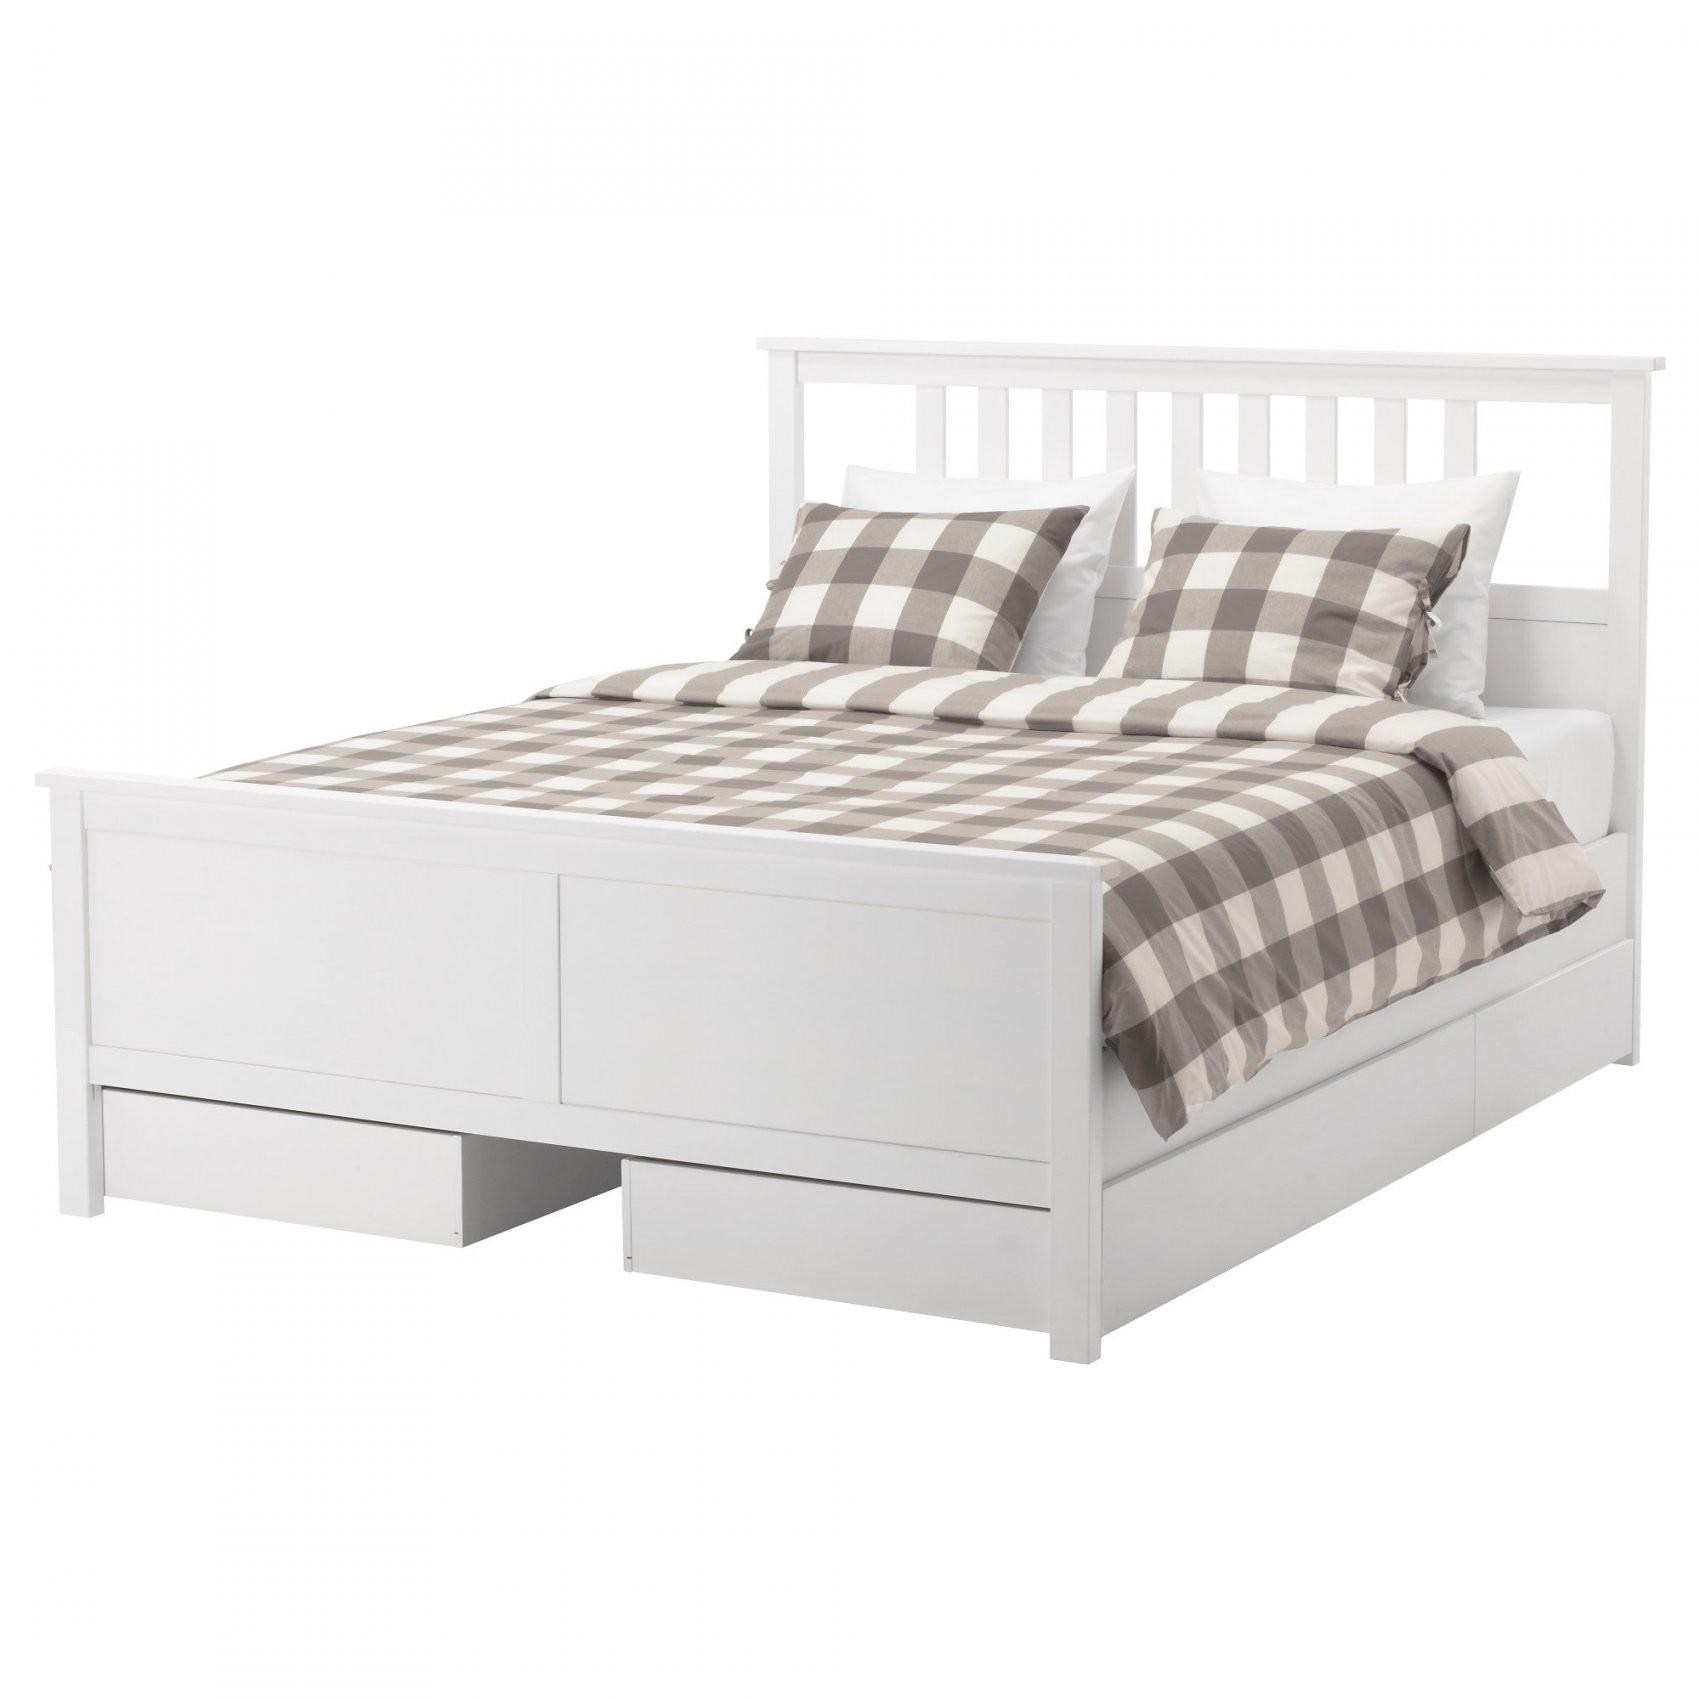 Hemnes Bettgestell Mit 4 Schubladen  180X200 Cm  Weiß Gebeizt  Ikea von Ikea Bett Weiß 180X200 Bild